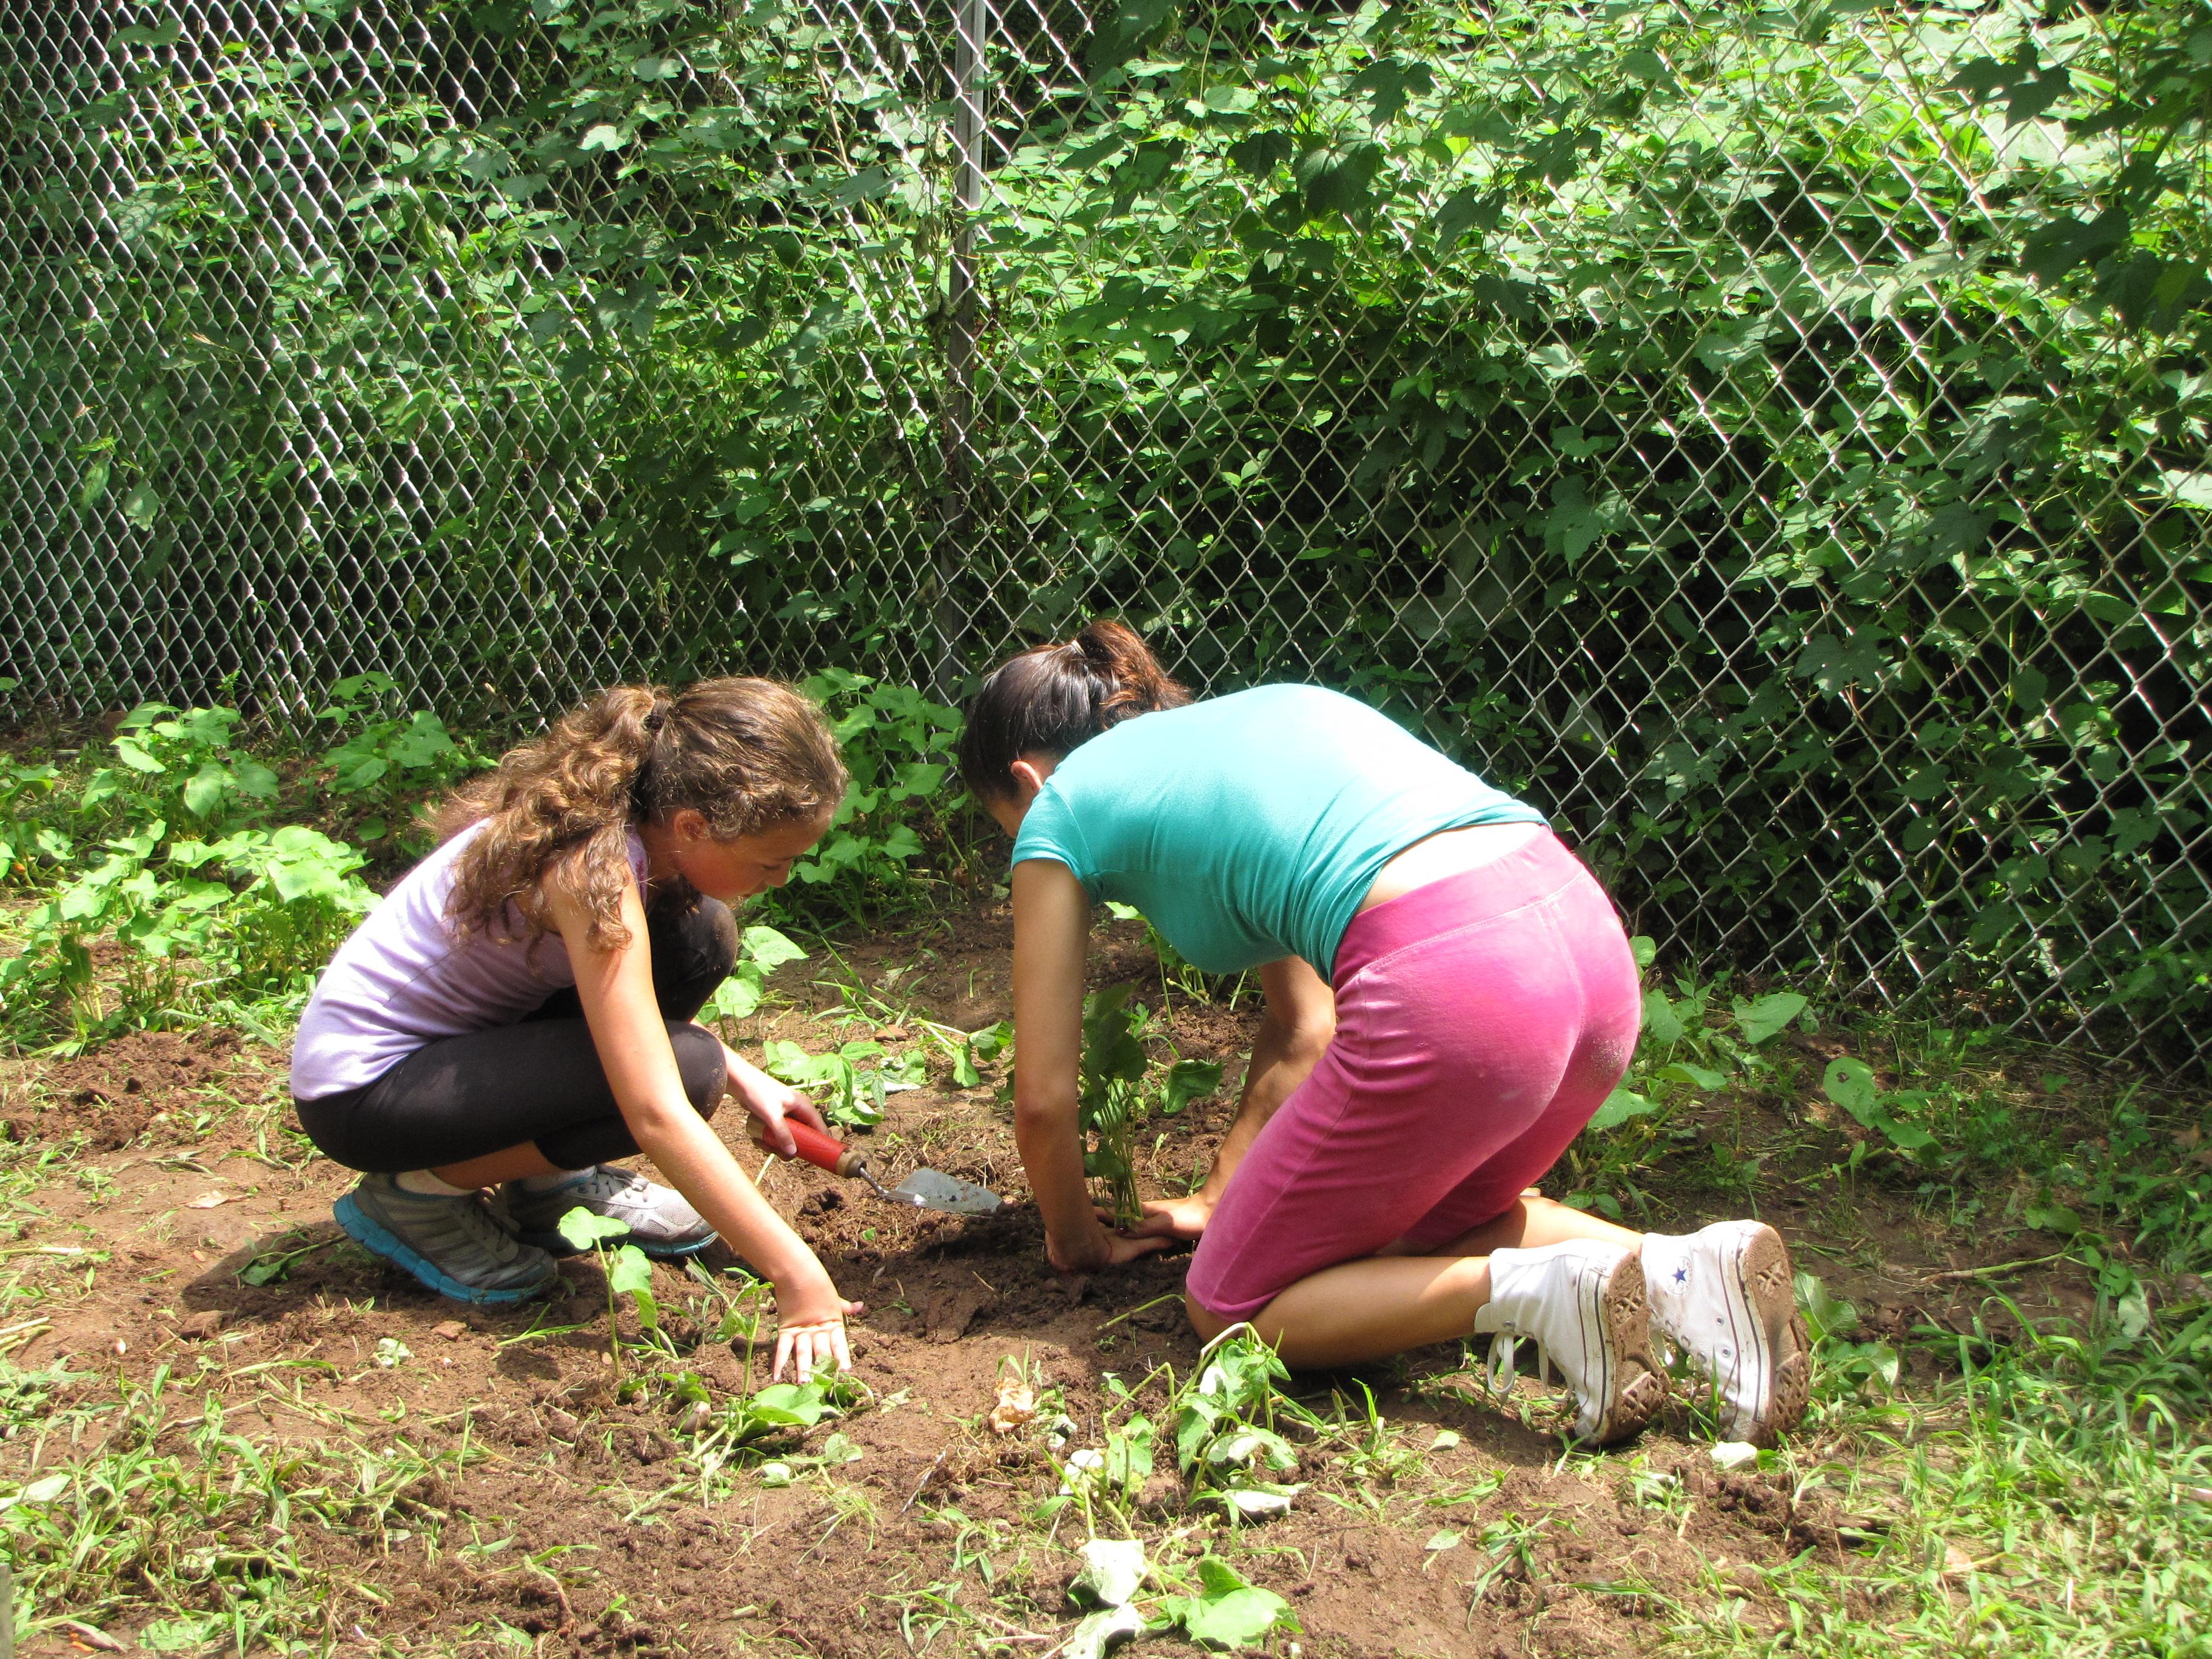 It's hard work making a garden grow!